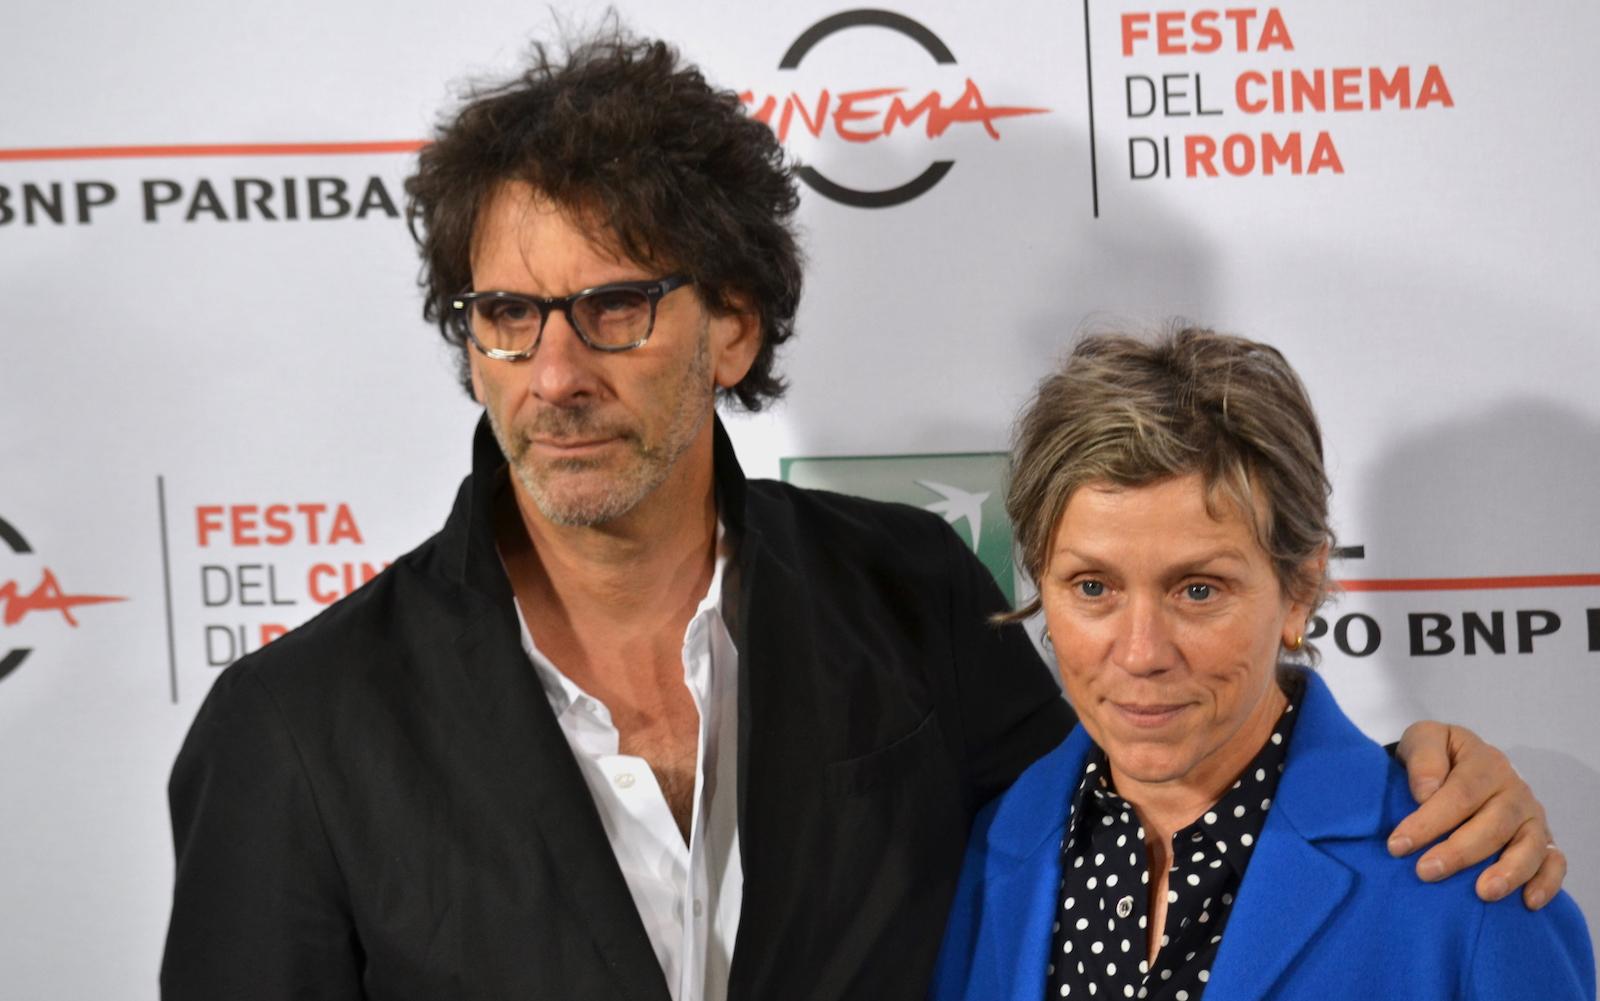 Roma 2015: Frances McDormand e joel Coen in uno scatto al photocall